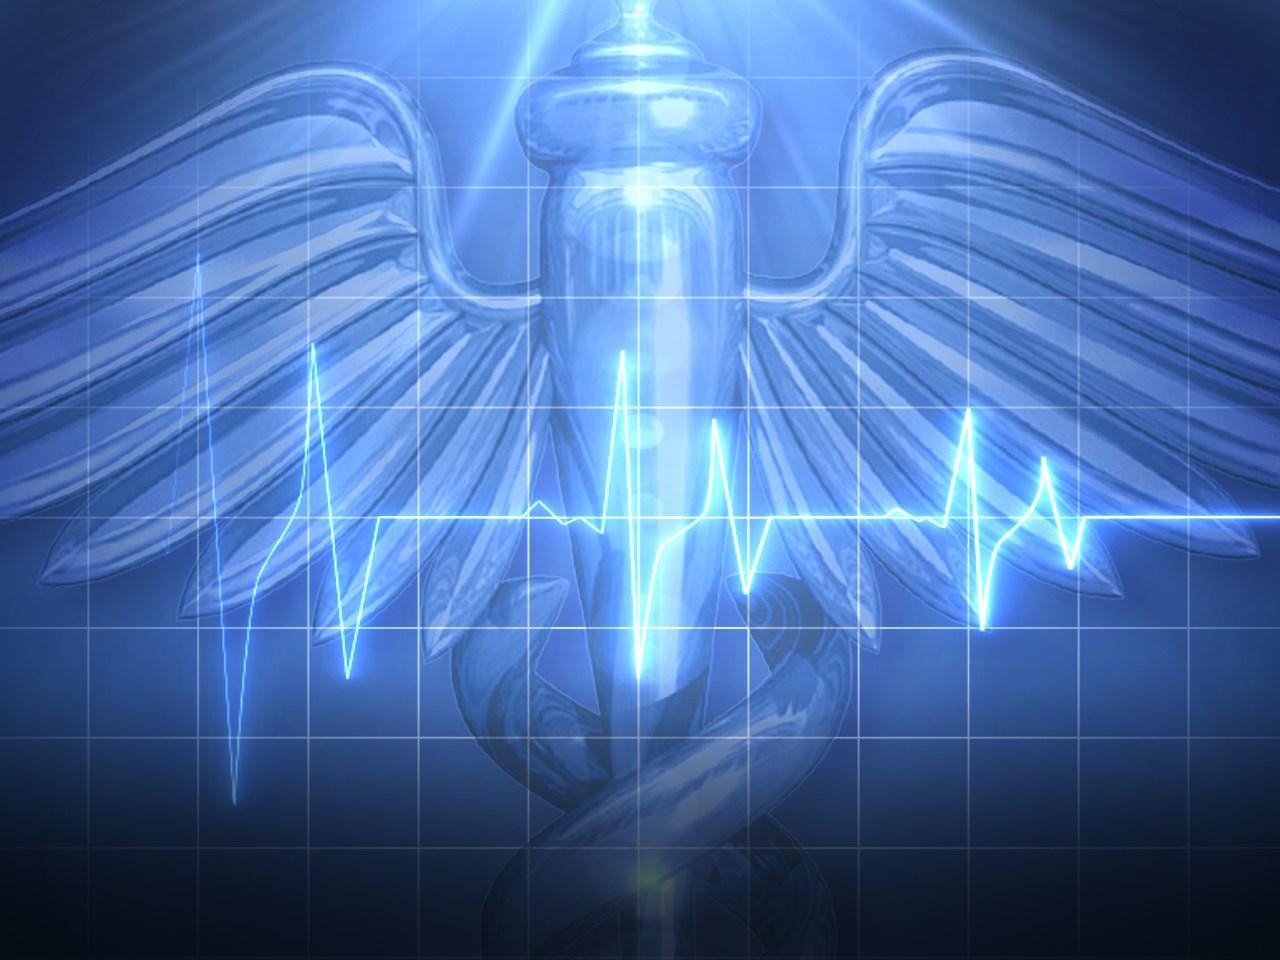 Heartbeat_1480477821971.jpg